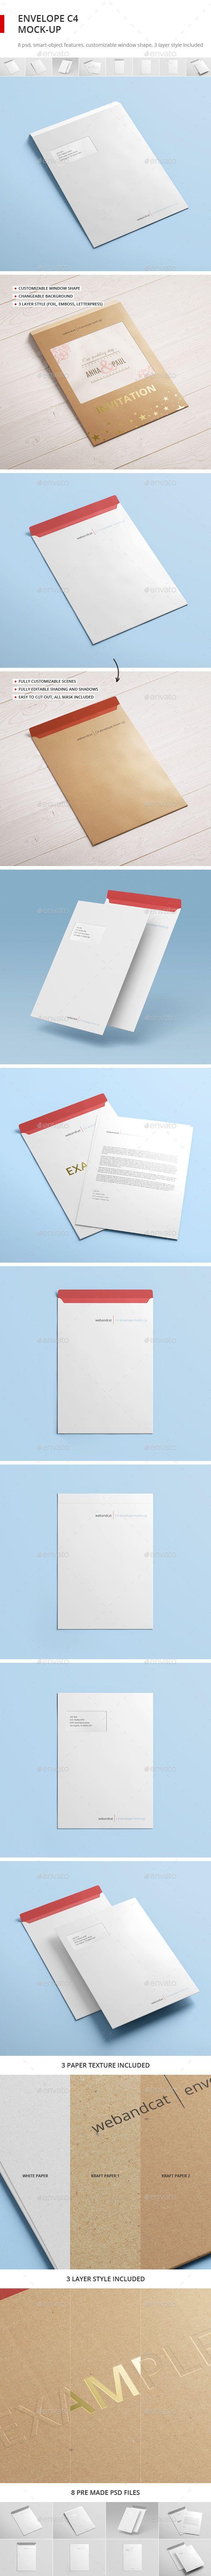 Envelope C4 Mock-up. Download here: http://graphicriver.net/item/envelope-c4-mockup/16513408?ref=ksioks